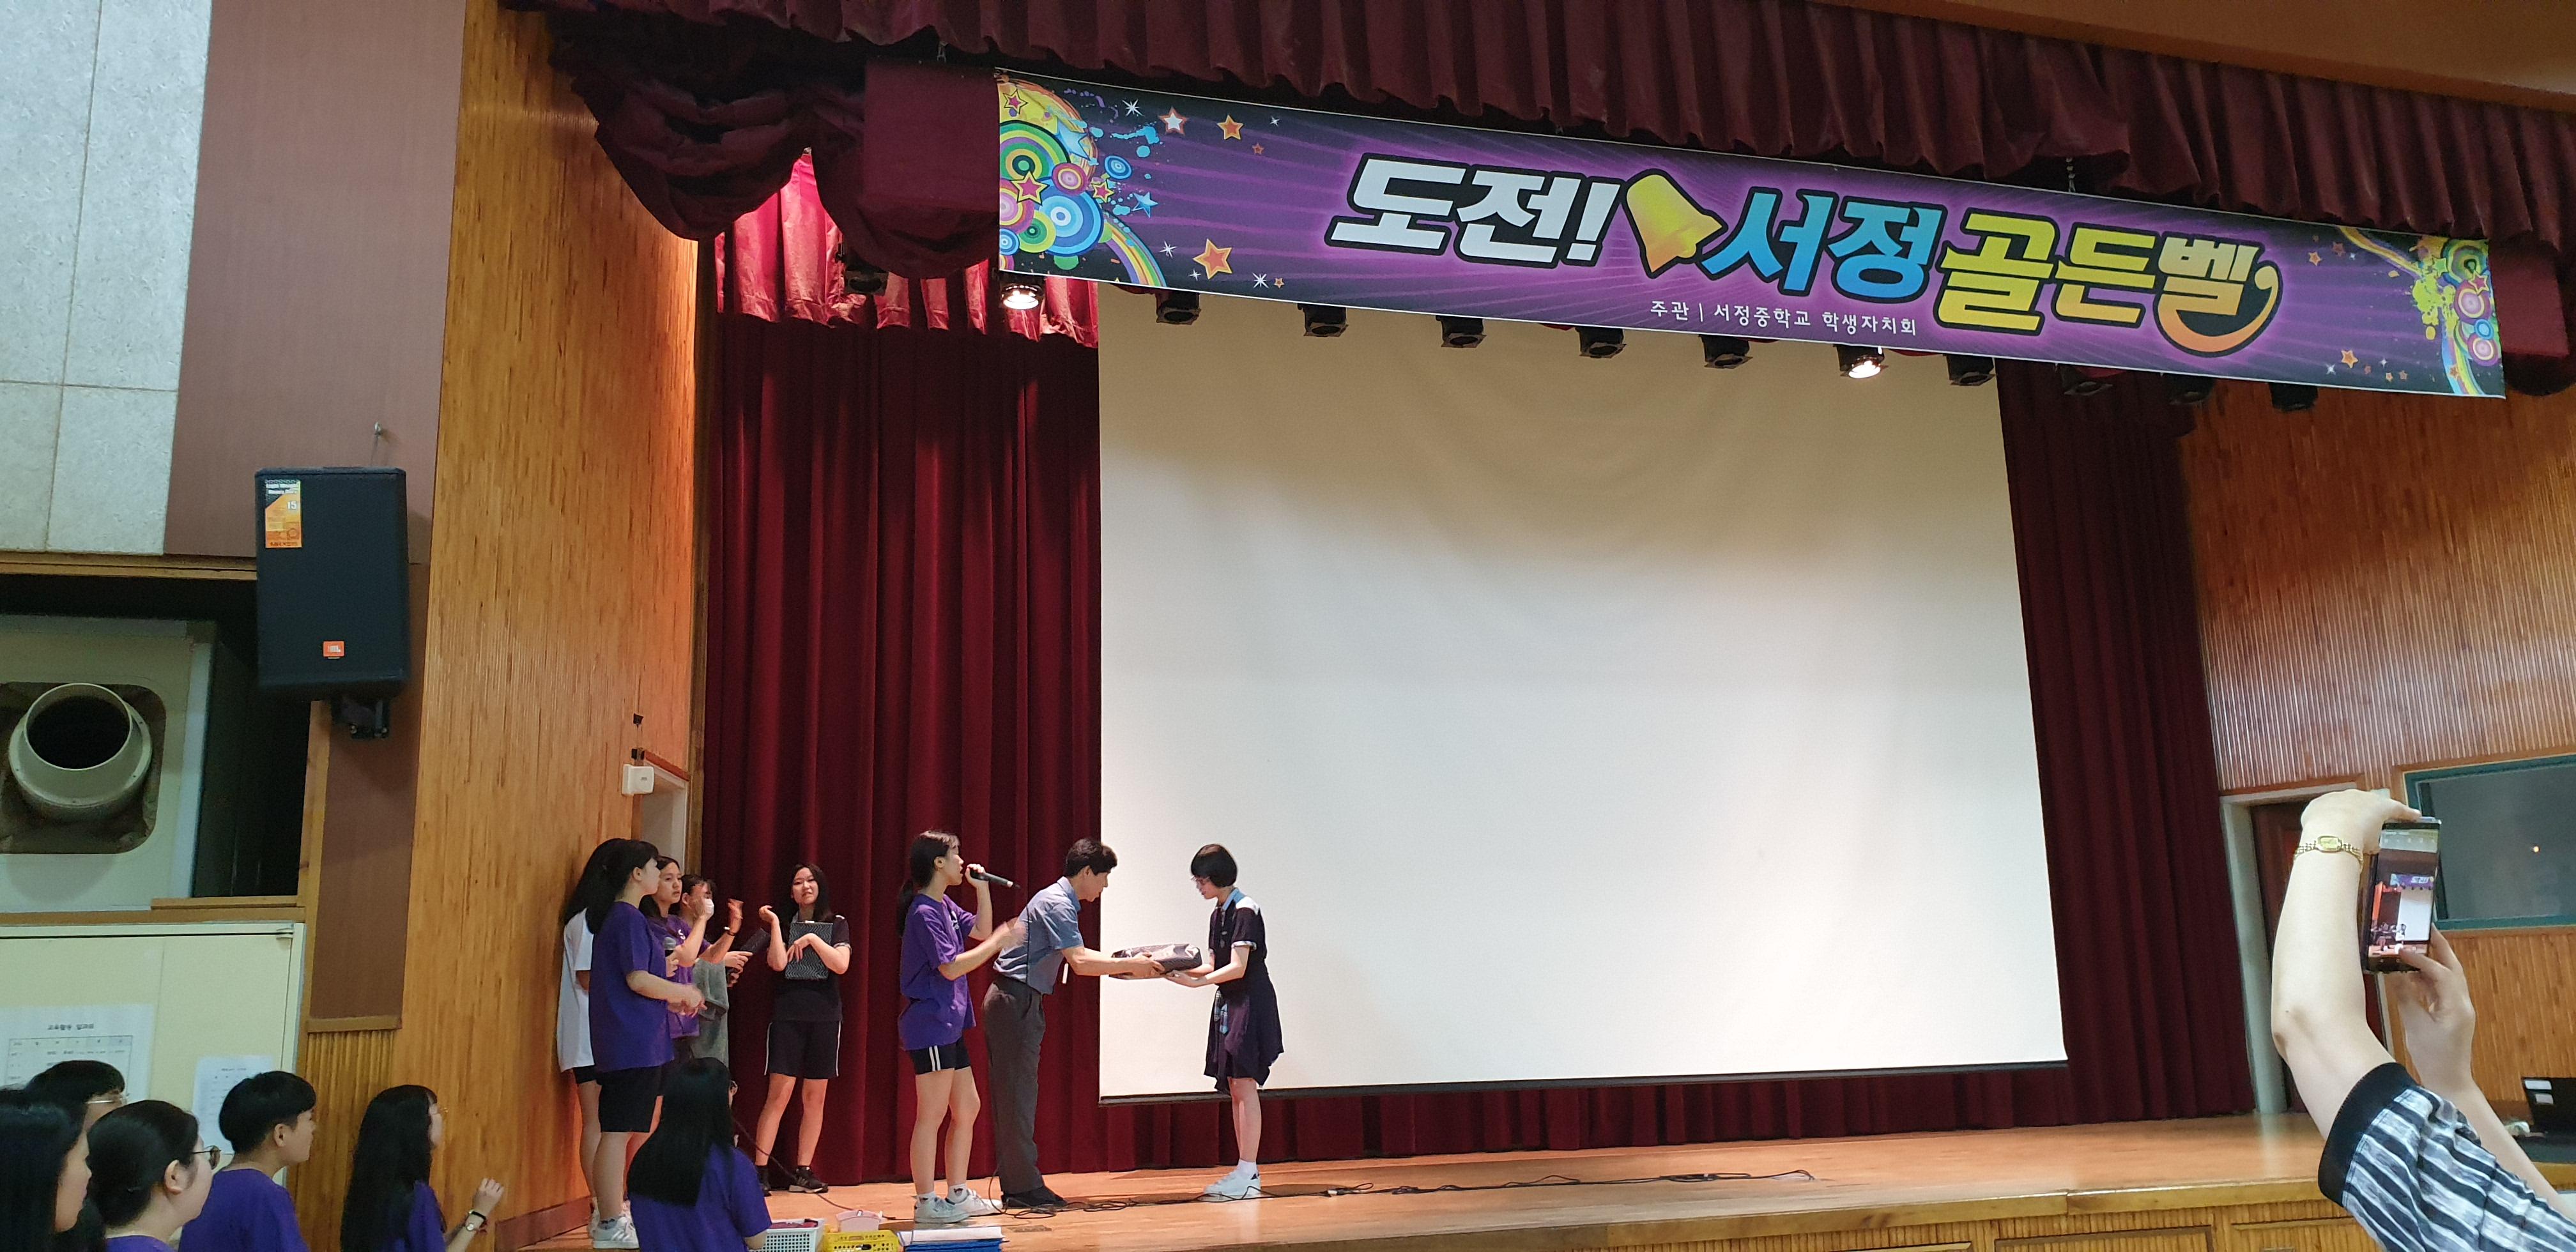 [일반] 2019년 3학년 도전 골든벨의 첨부이미지 3